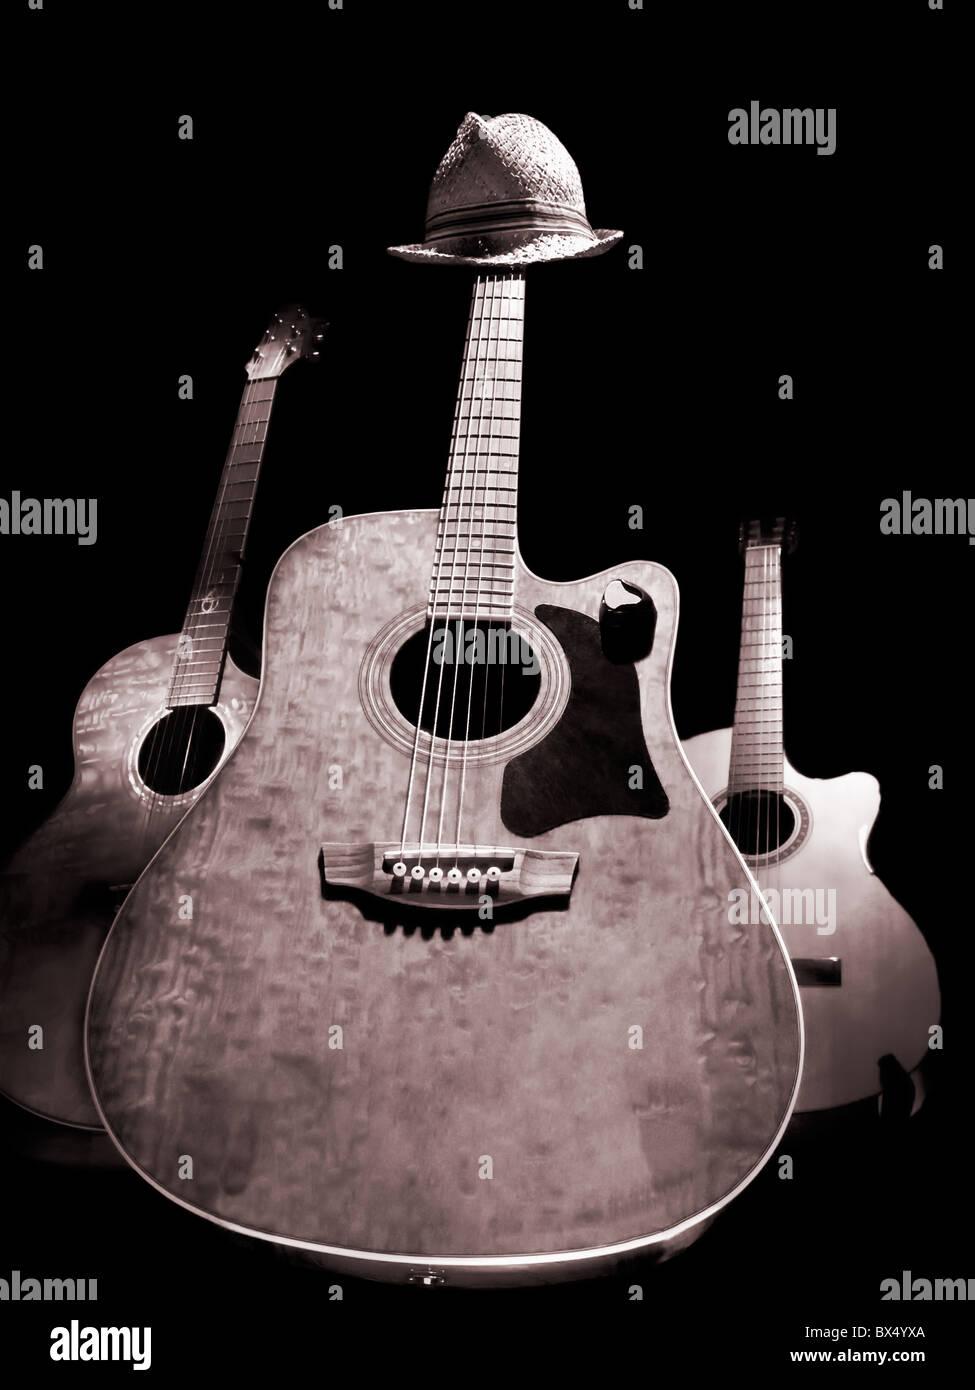 Tre Chitarre Acustiche Su Sfondo Nero Immagine In Bianco E Nero